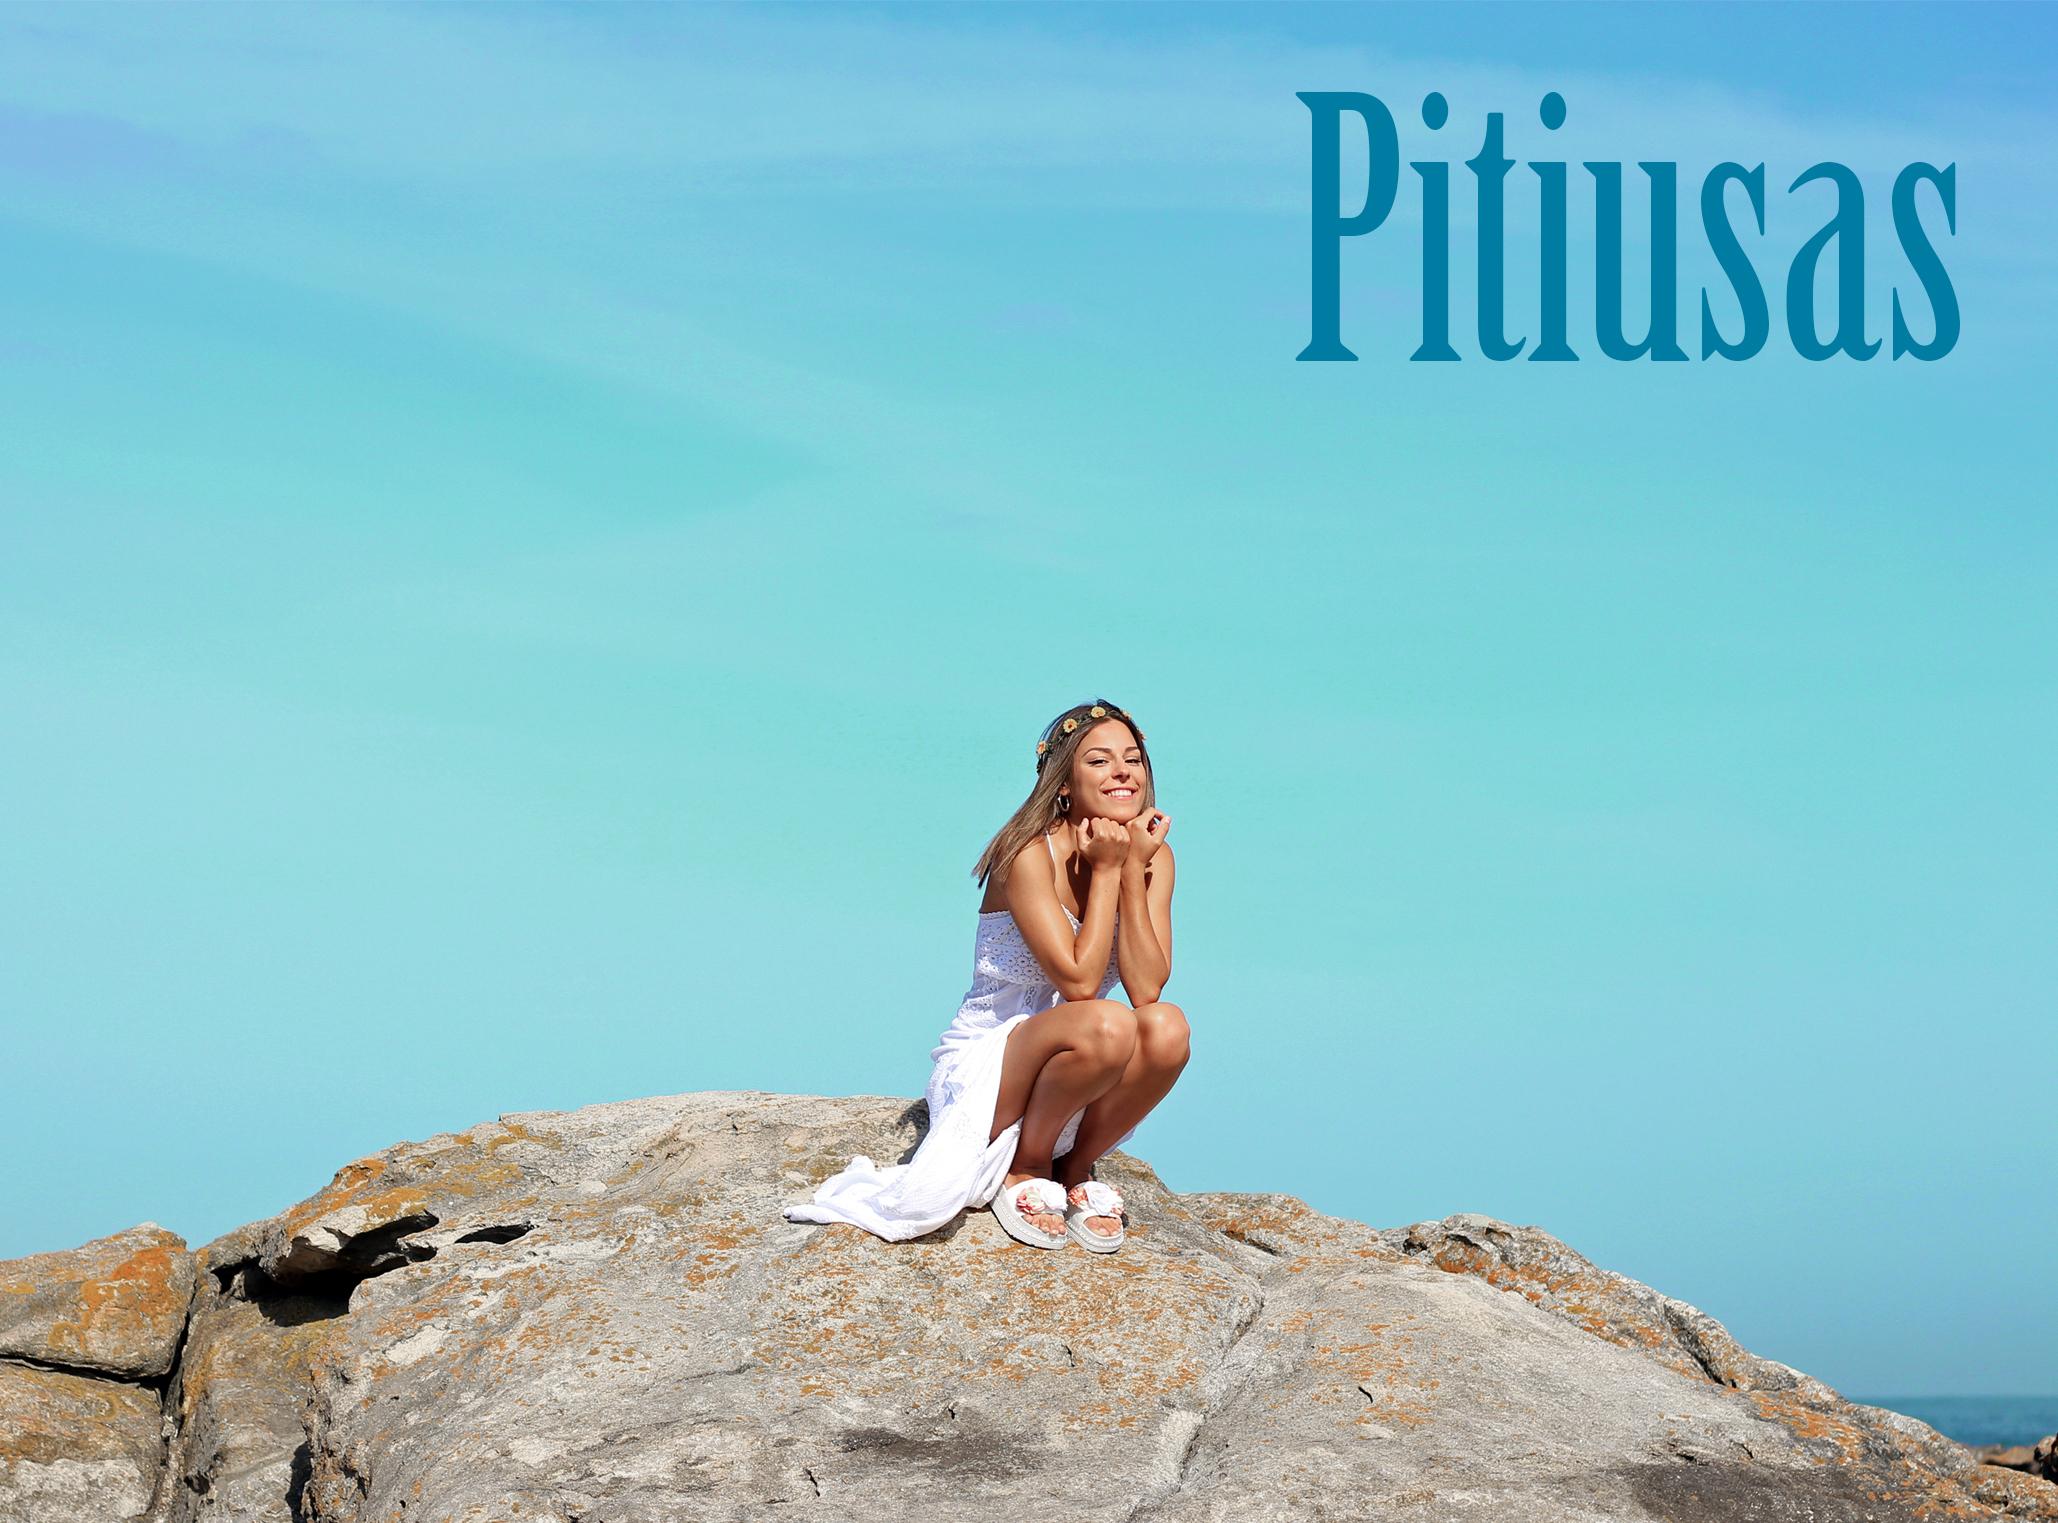 PITIUSAS